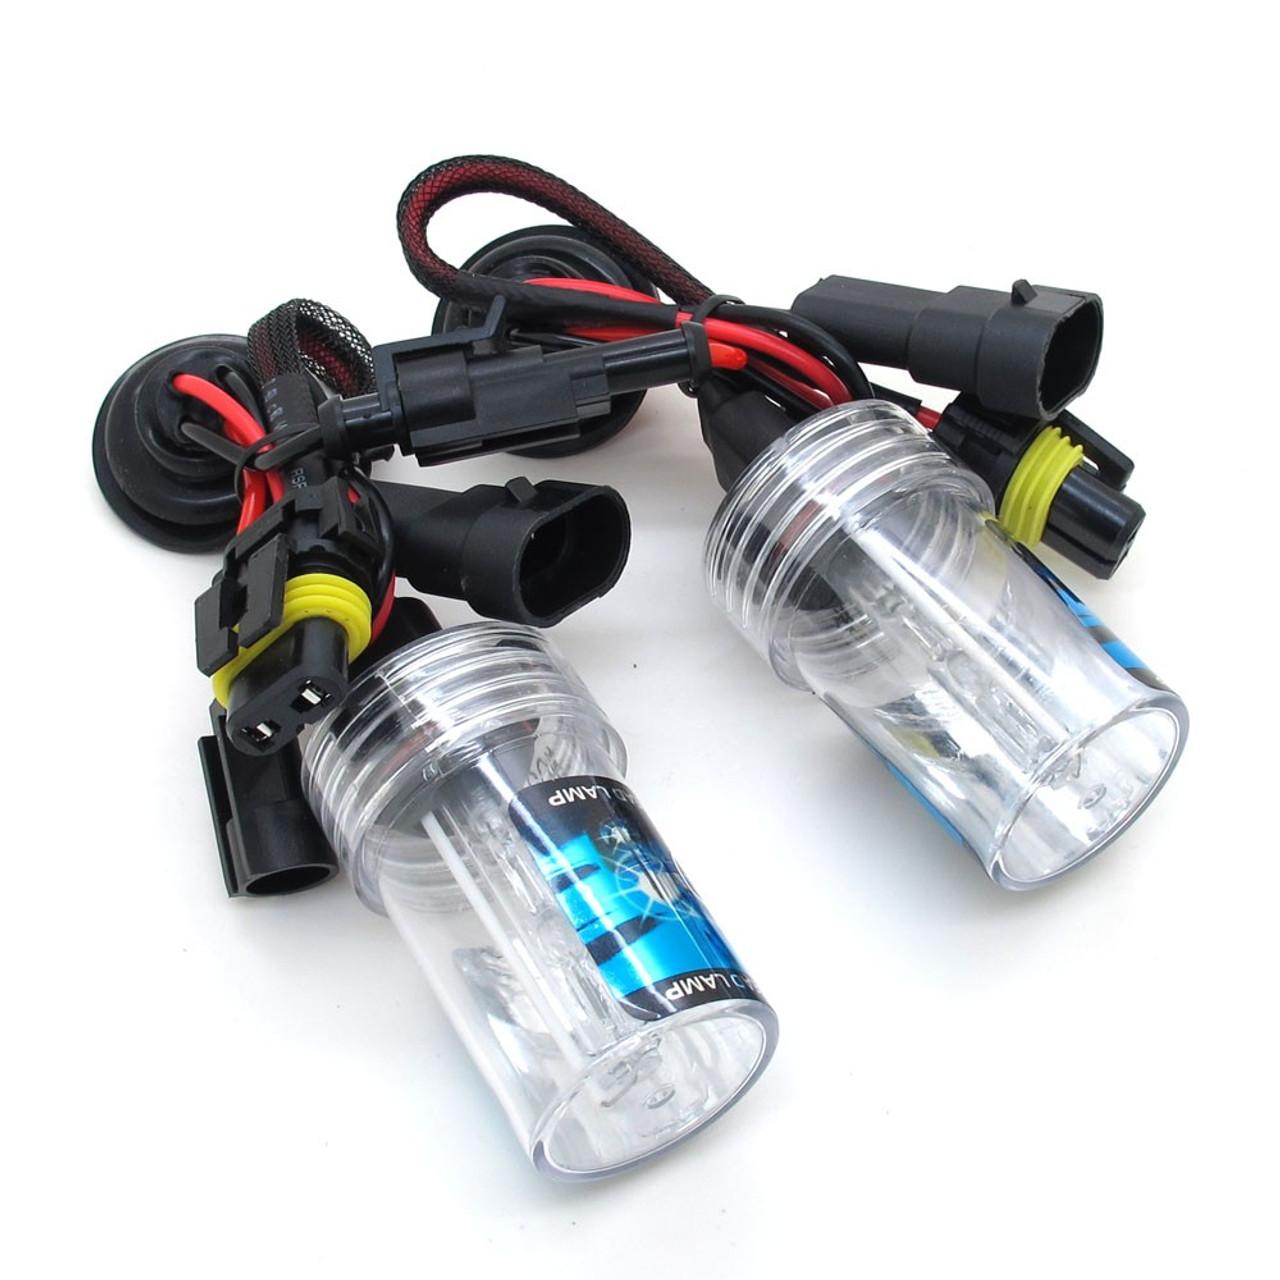 35W 55W HID Xenon Bulb 12V Auto Car Headlight Conversion Kit H1 H3 H7 H11 9005